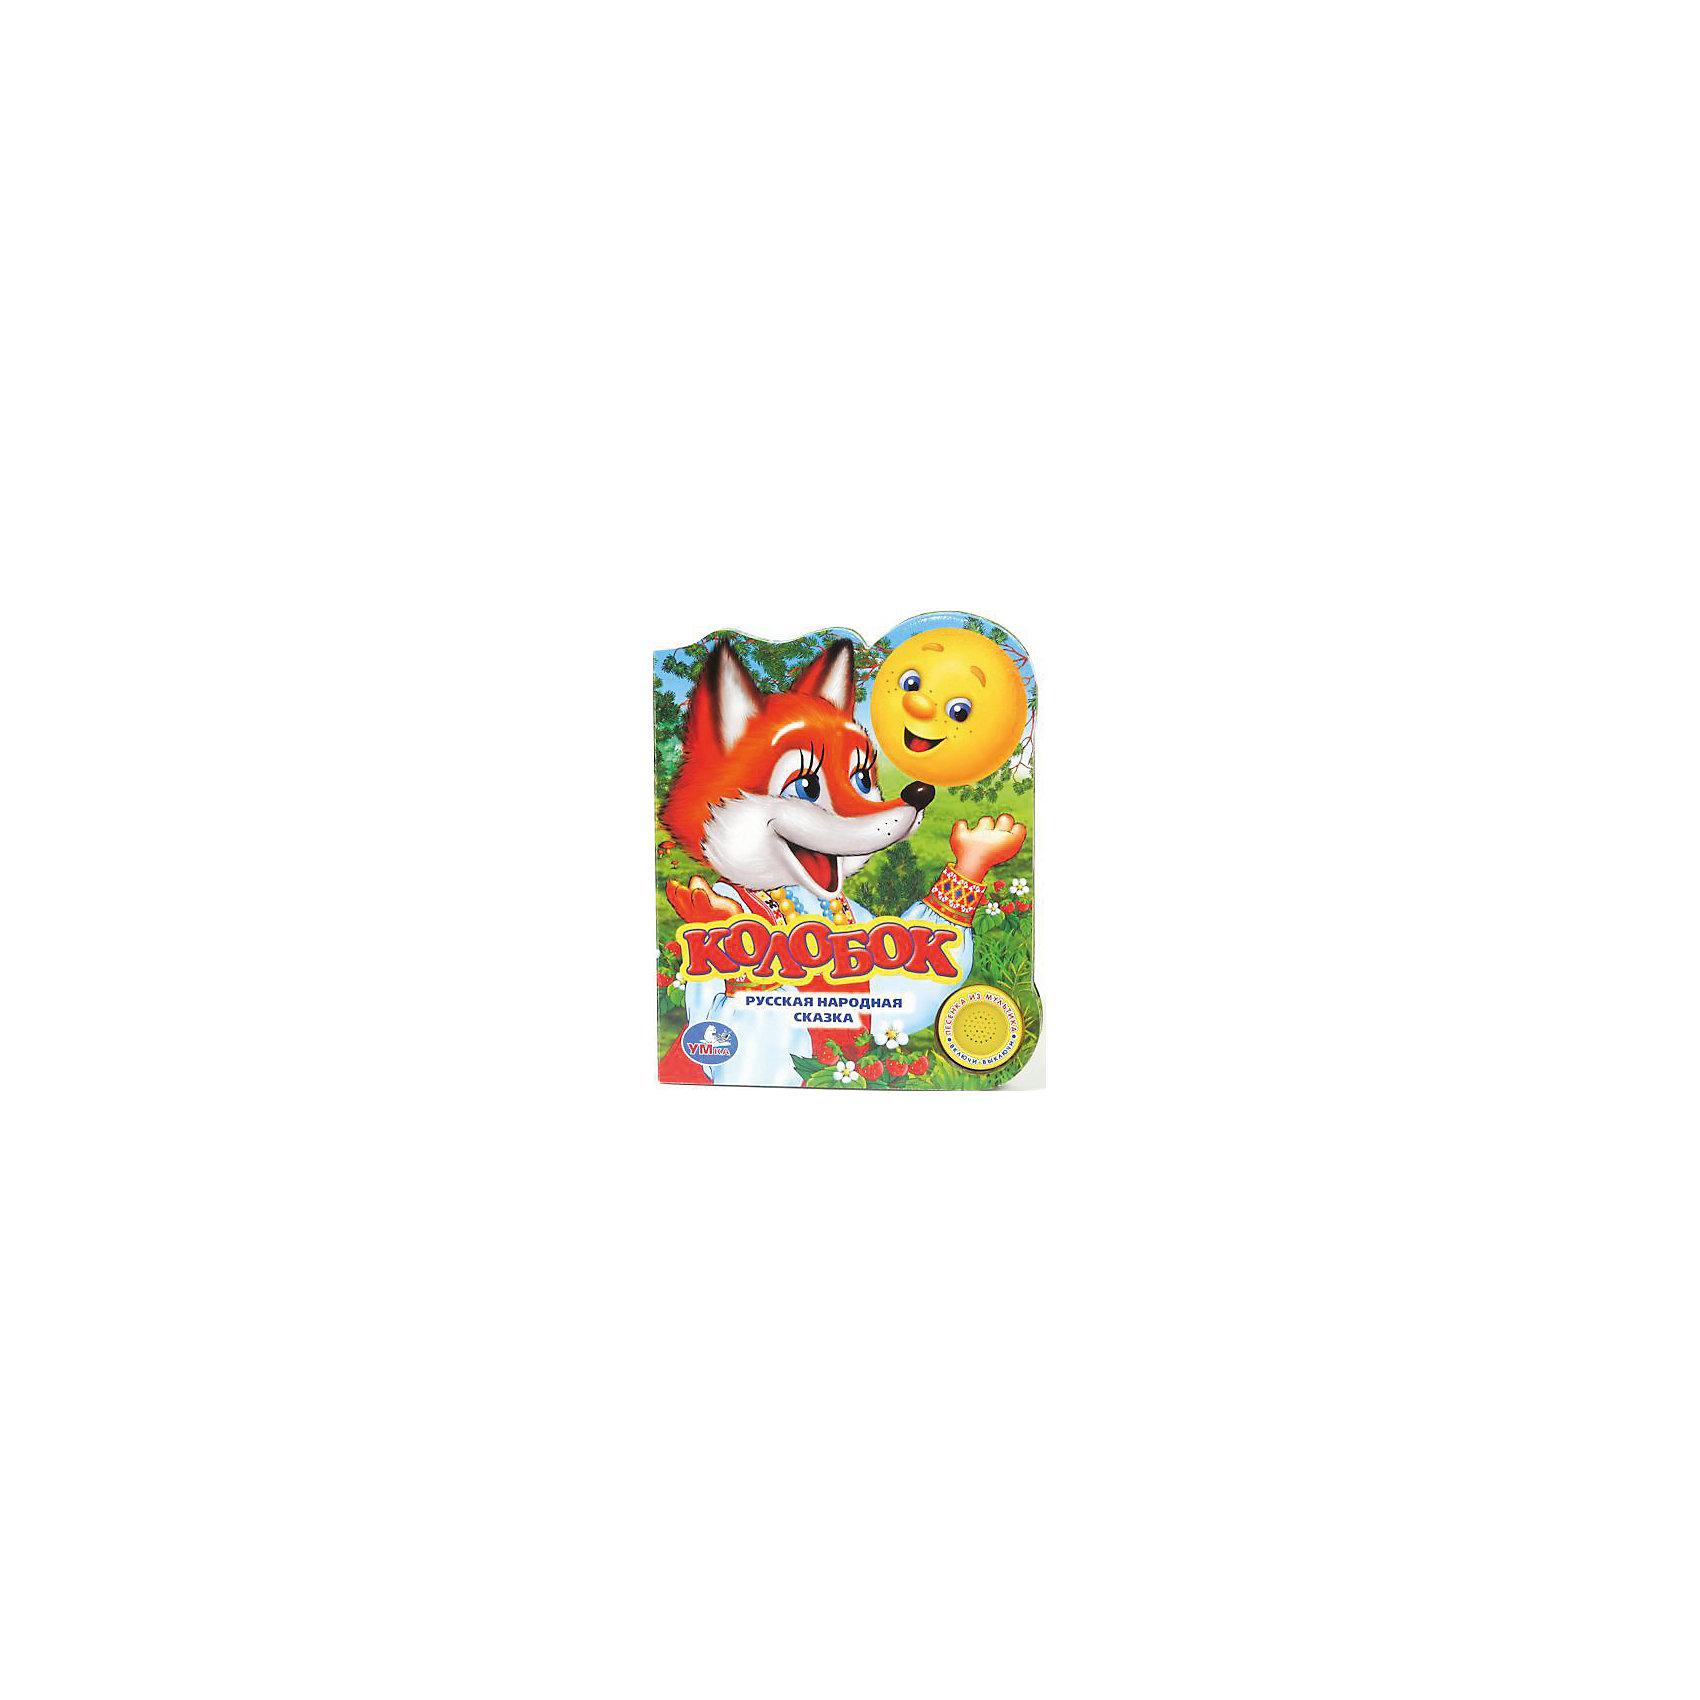 Колобок, УмкаЗамечательная книга для самых маленьких читателей - Колобок от Умка. Великолепная сказка сопровождается красочными добрыми иллюстрациями на прочных картонных страницах. На обложке есть кнопка, нажав которую, малыш с восторгом услышит чудесную песенку. Прекрасный подарок для Вашего ребенка!<br><br>Дополнительная информация:<br>- рекомендуемый возраст: от 1 года<br>- материал: картон, пластик<br>- батарейки в комплекте<br>- размеры: 17 х 19 х 2 см<br>- вес: 190 гр<br><br>Книгу Колобок, Умка можно купить в нашем магазине<br><br>Ширина мм: 170<br>Глубина мм: 190<br>Высота мм: 20<br>Вес г: 190<br>Возраст от месяцев: 36<br>Возраст до месяцев: 84<br>Пол: Унисекс<br>Возраст: Детский<br>SKU: 4754666